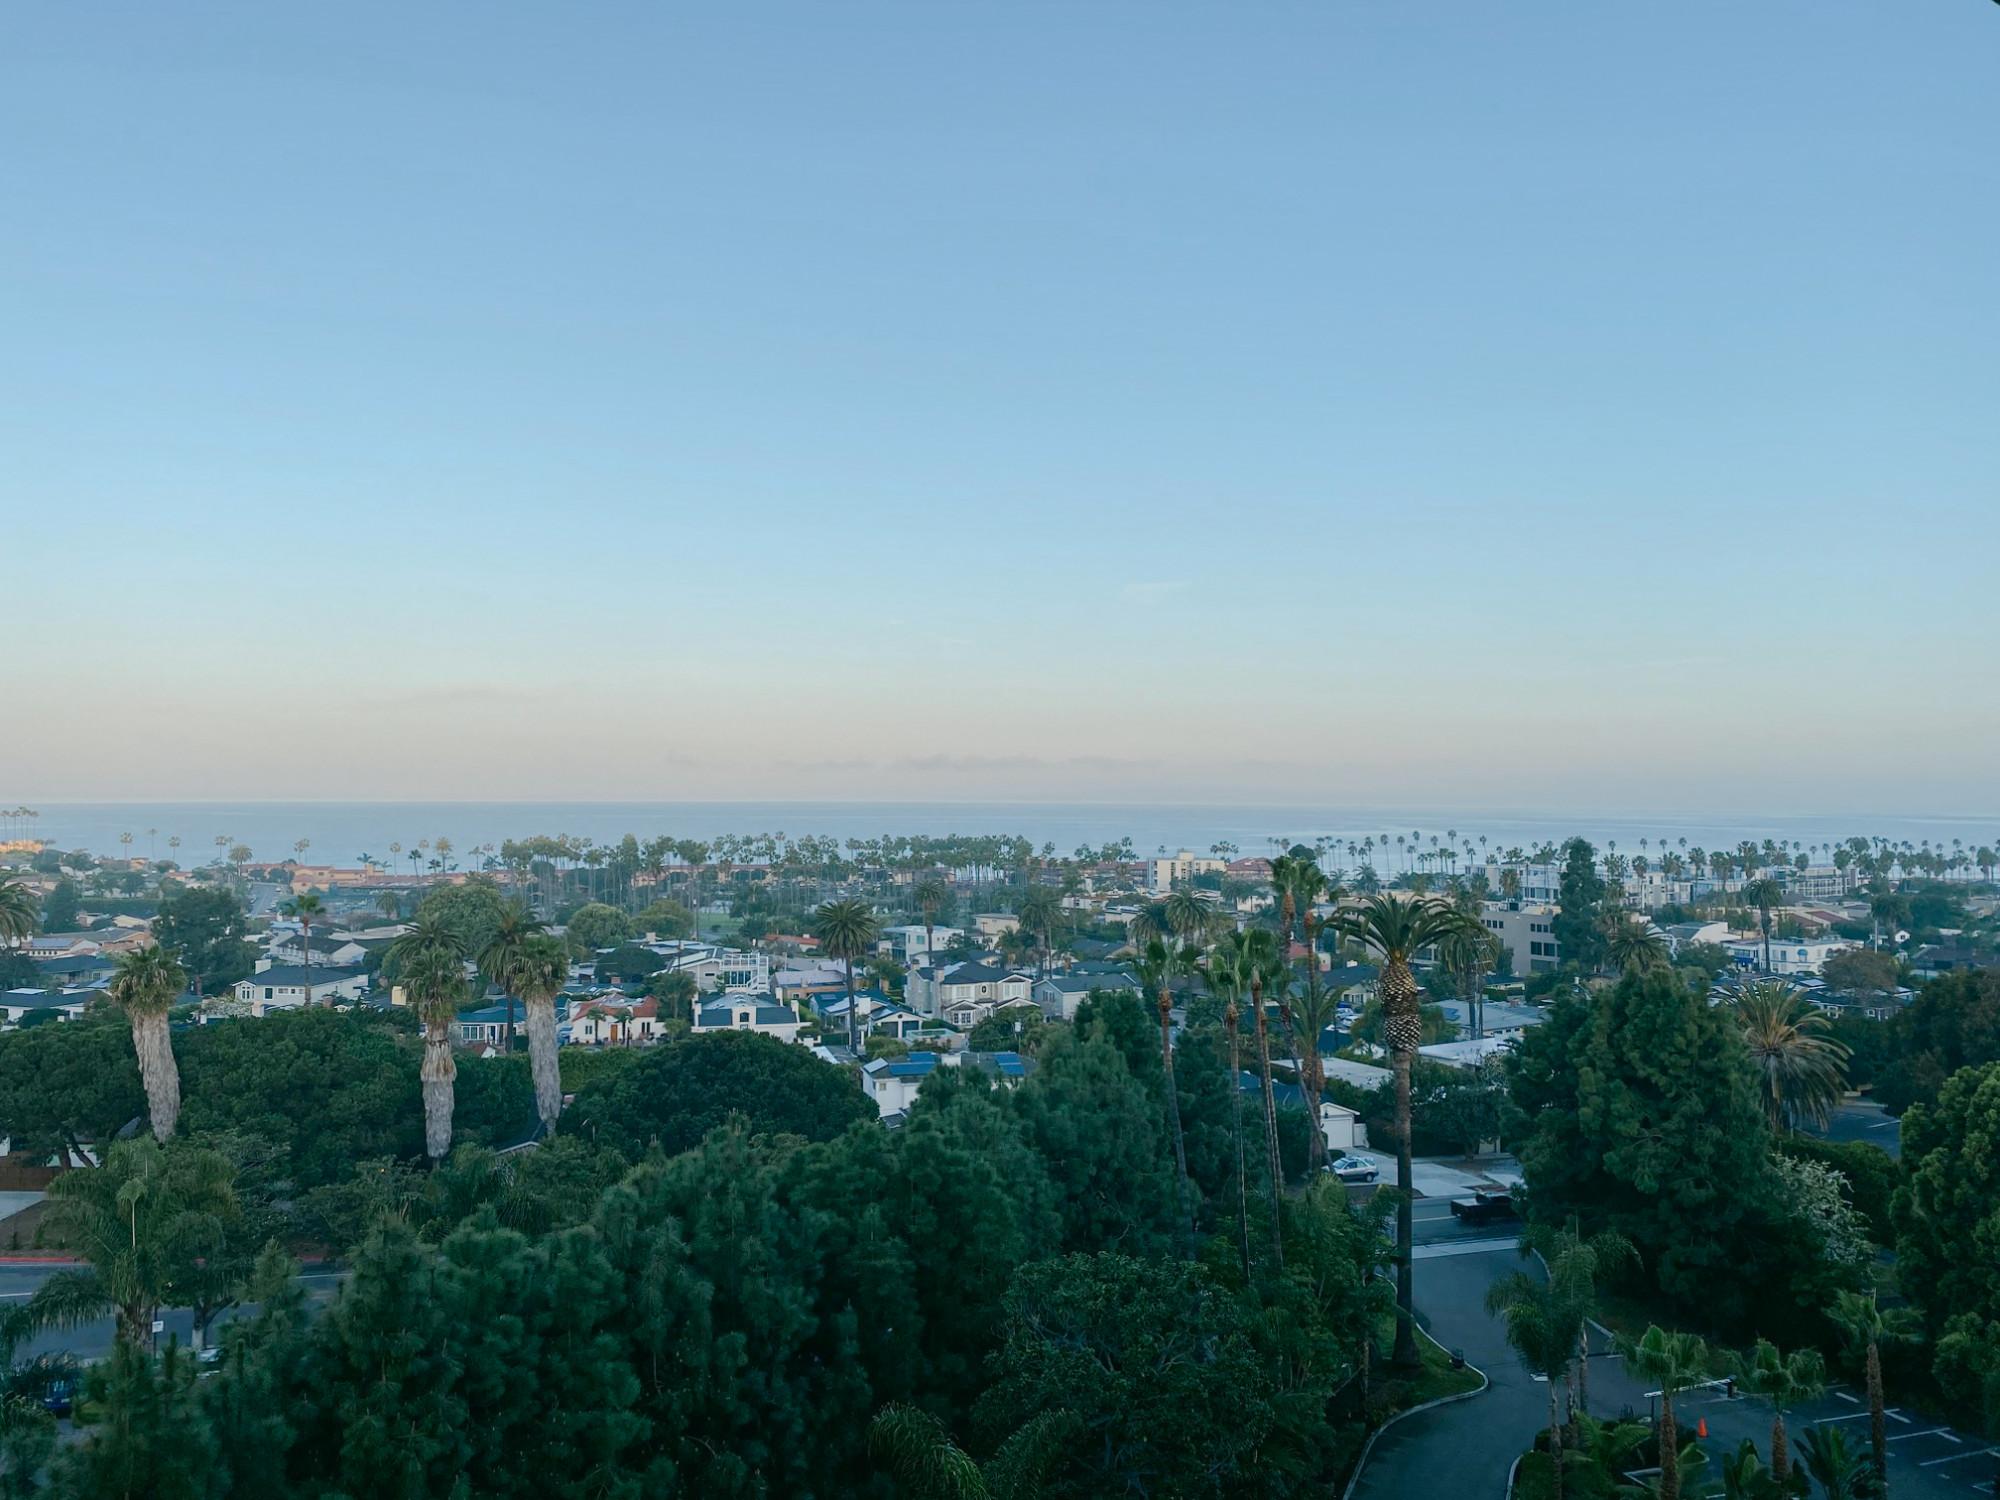 hotel la jolla view